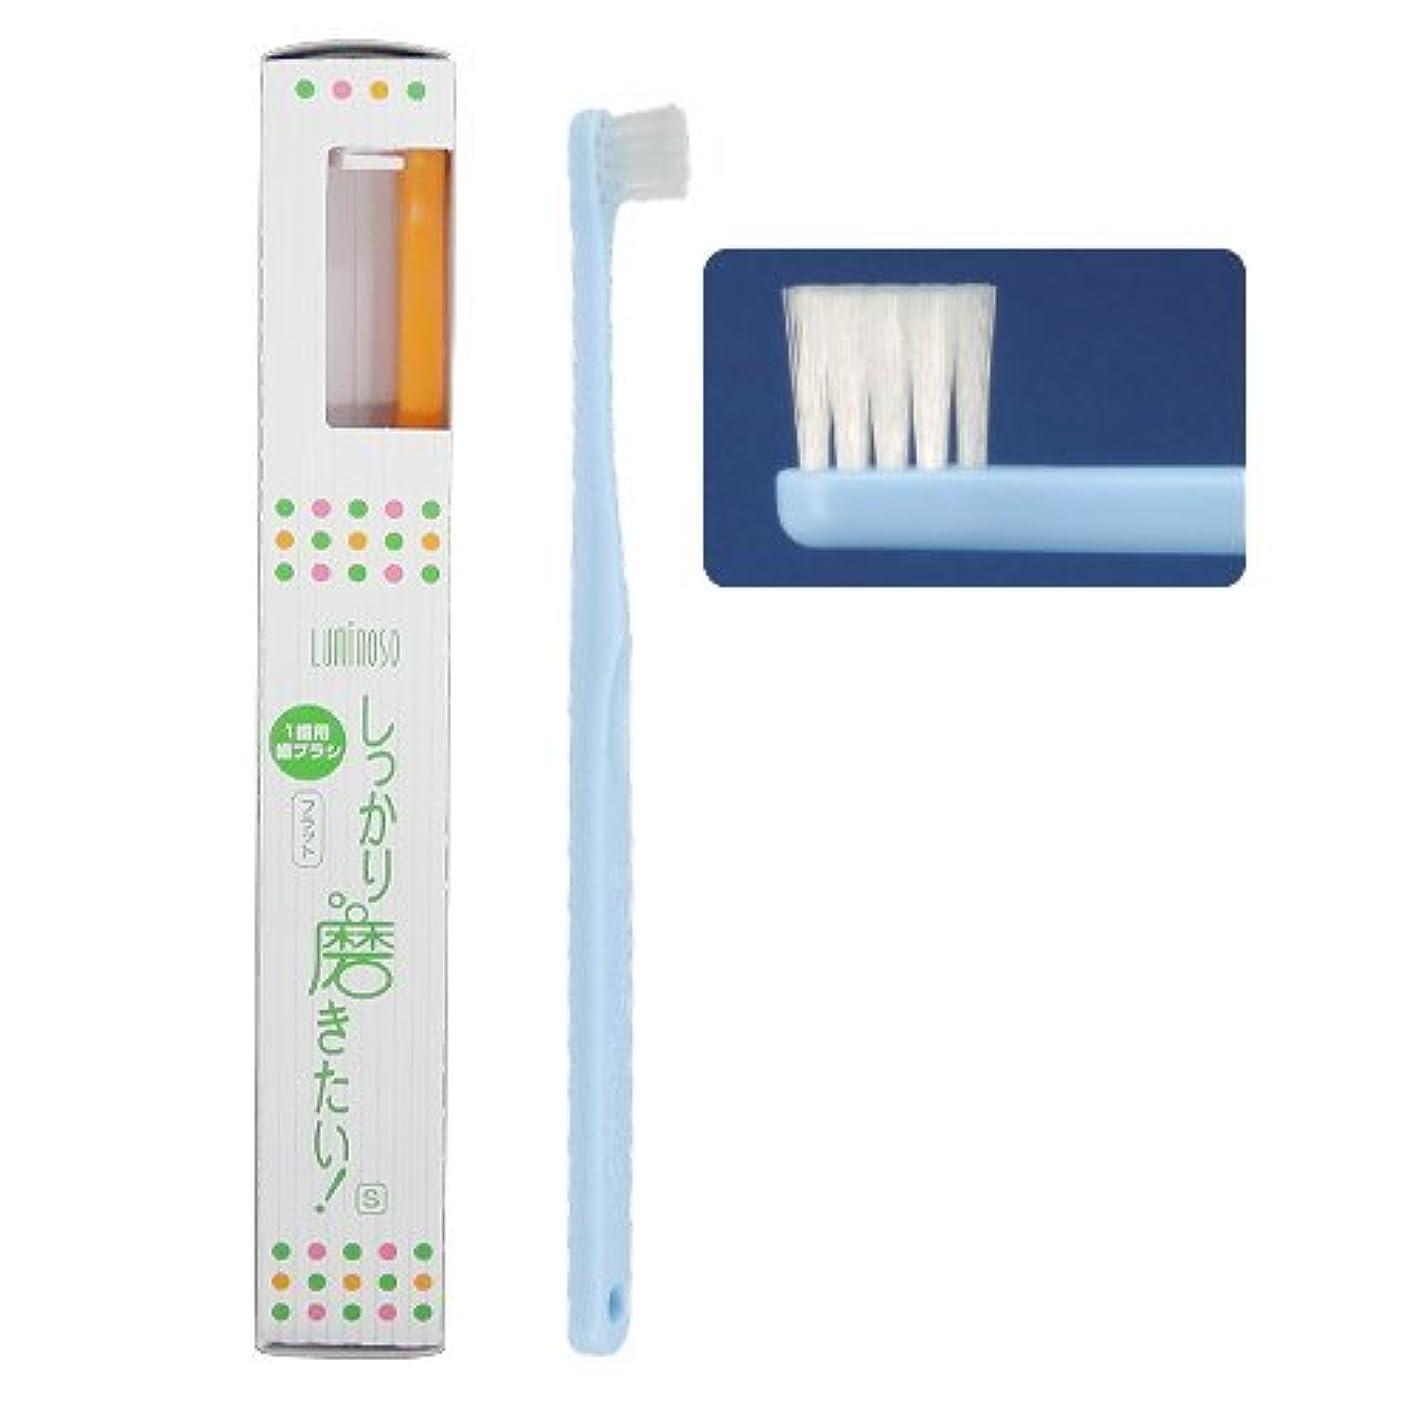 州ゴシップ縁石ルミノソ 1歯用歯ブラシ 「しっかり磨きたい!」 フラット ソフト (カラー指定不可) 5本